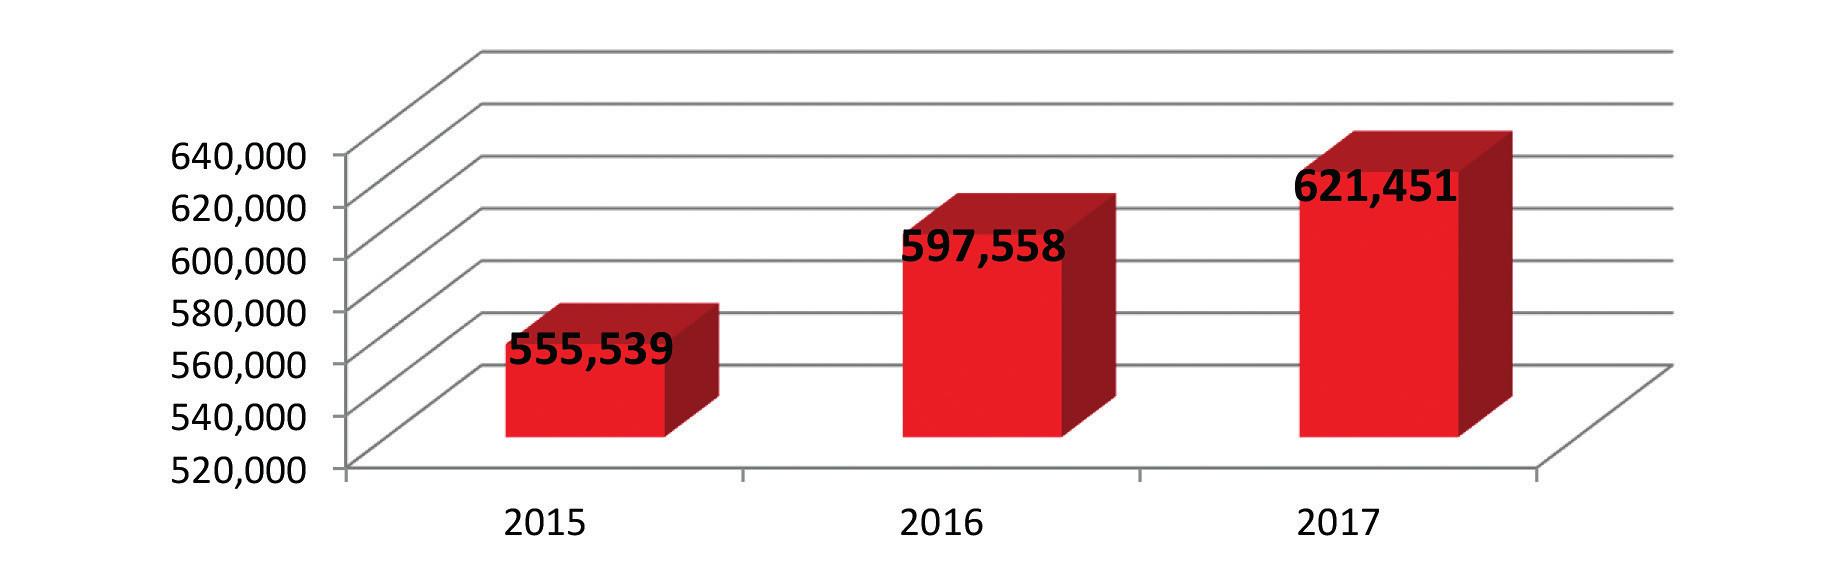 Počty prostonaných dnů DPN pro C50 v letech 2015-2017